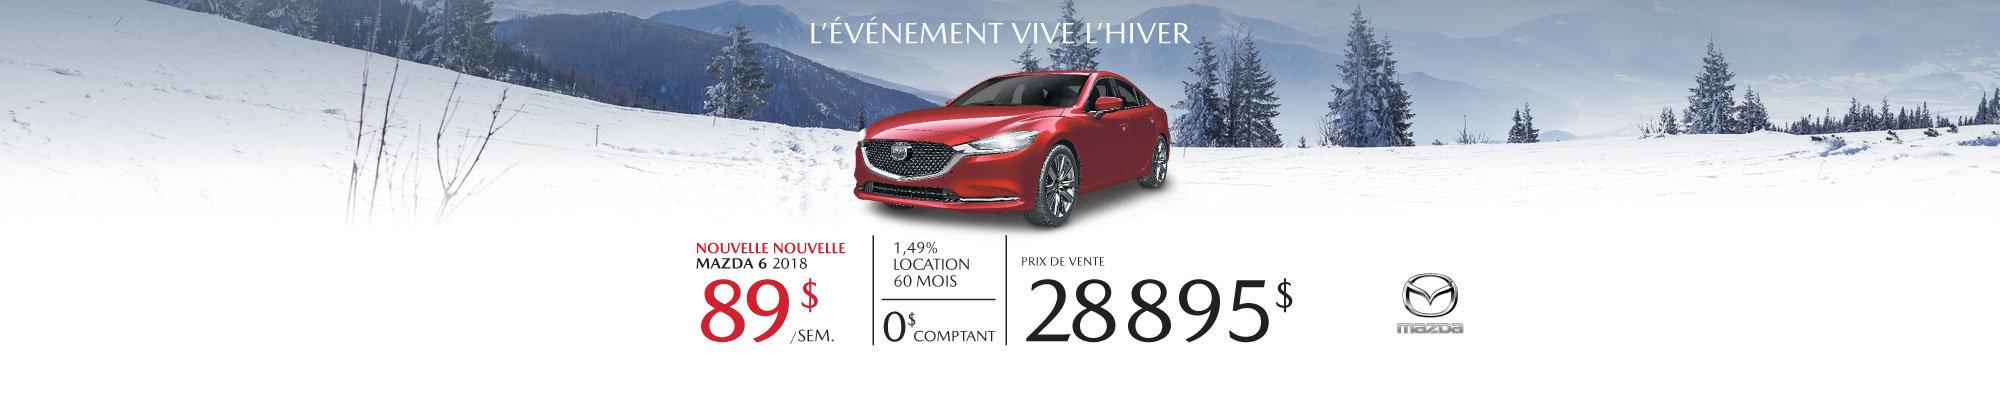 Nouvelle Nouvelle Mazda6 2018 !